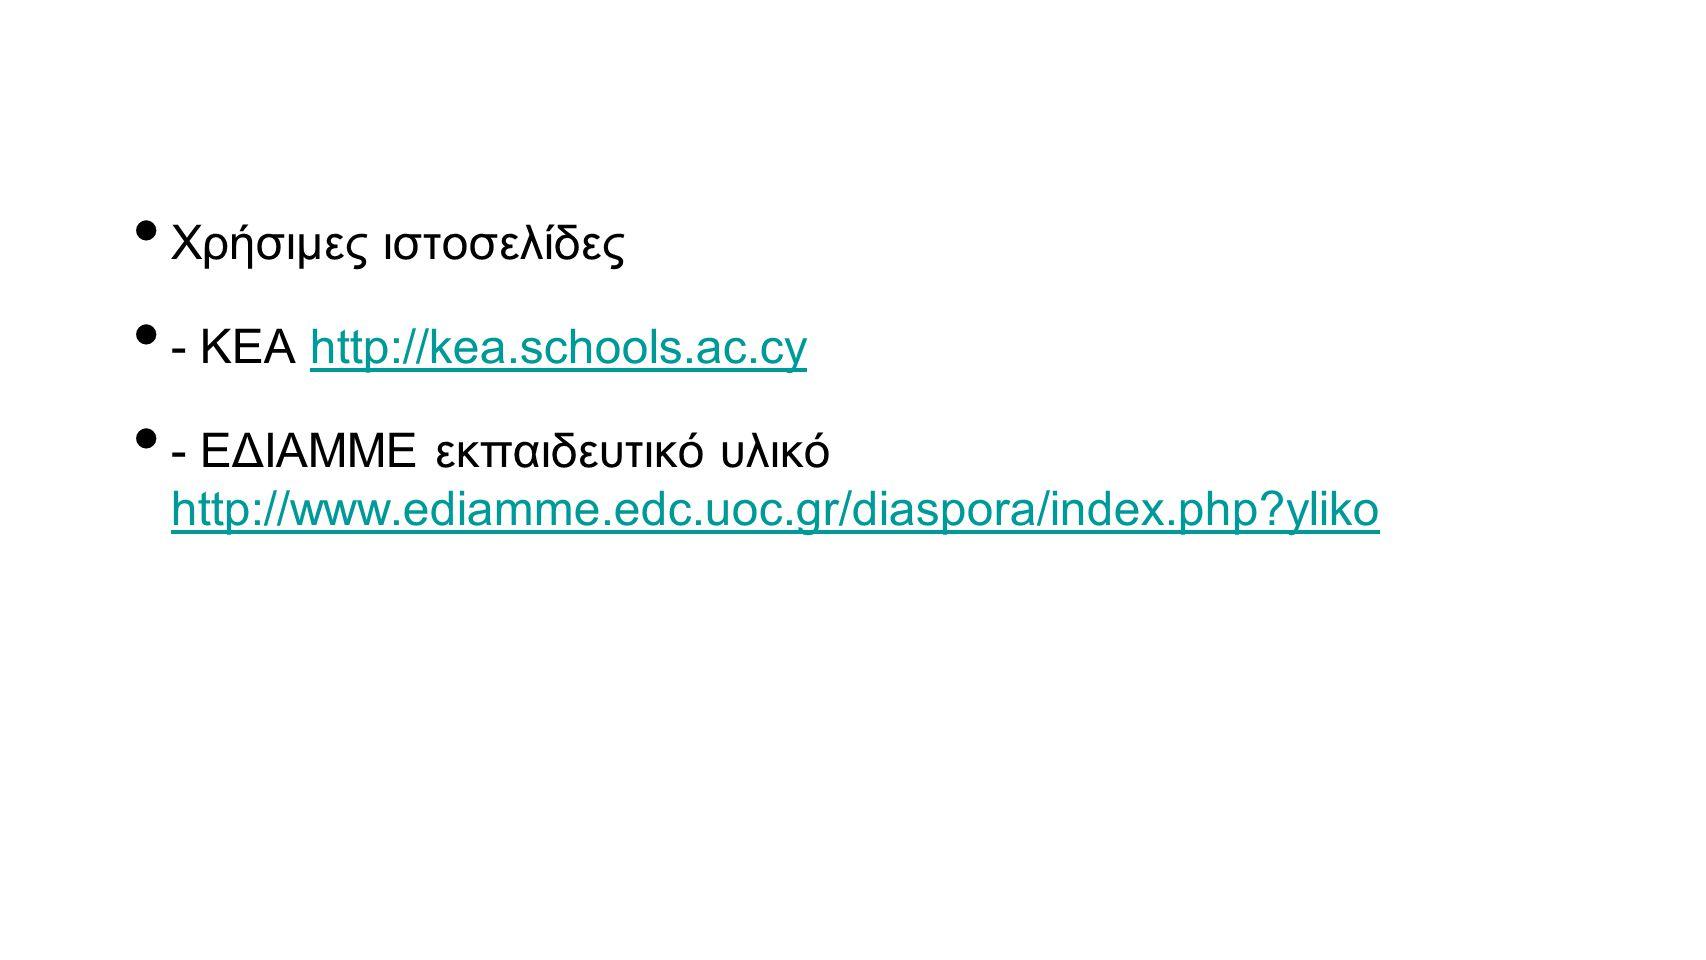 Χρήσιμες ιστοσελίδες - ΚΕΑ http://kea.schools.ac.cyhttp://kea.schools.ac.cy - ΕΔΙΑΜΜΕ εκπαιδευτικό υλικό http://www.ediamme.edc.uoc.gr/diaspora/index.